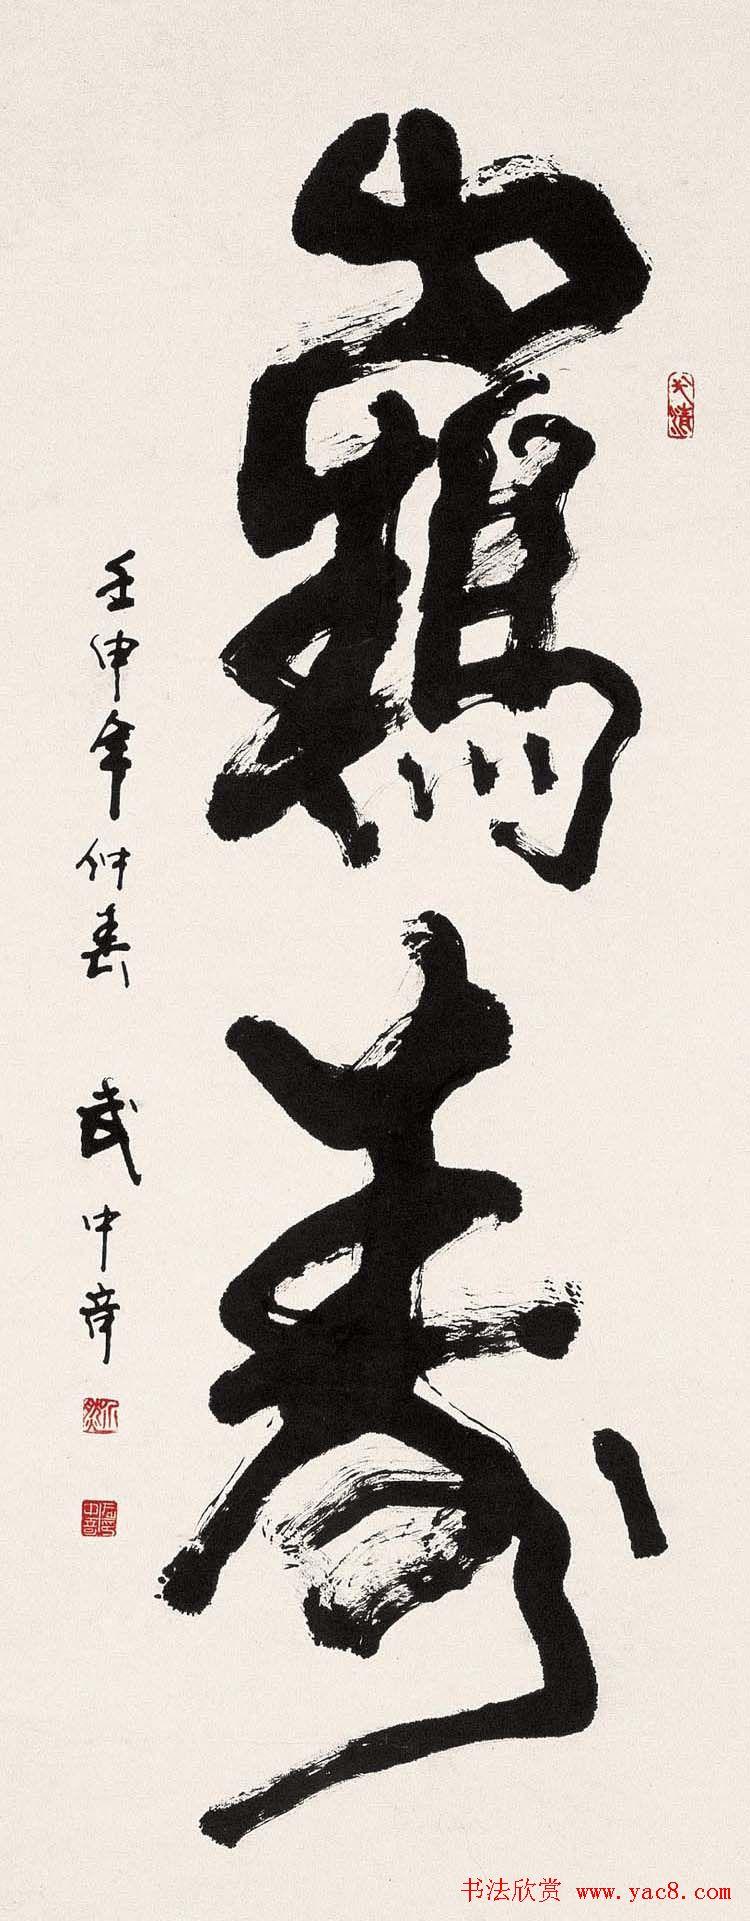 武中奇毛笔书法作品展示专辑